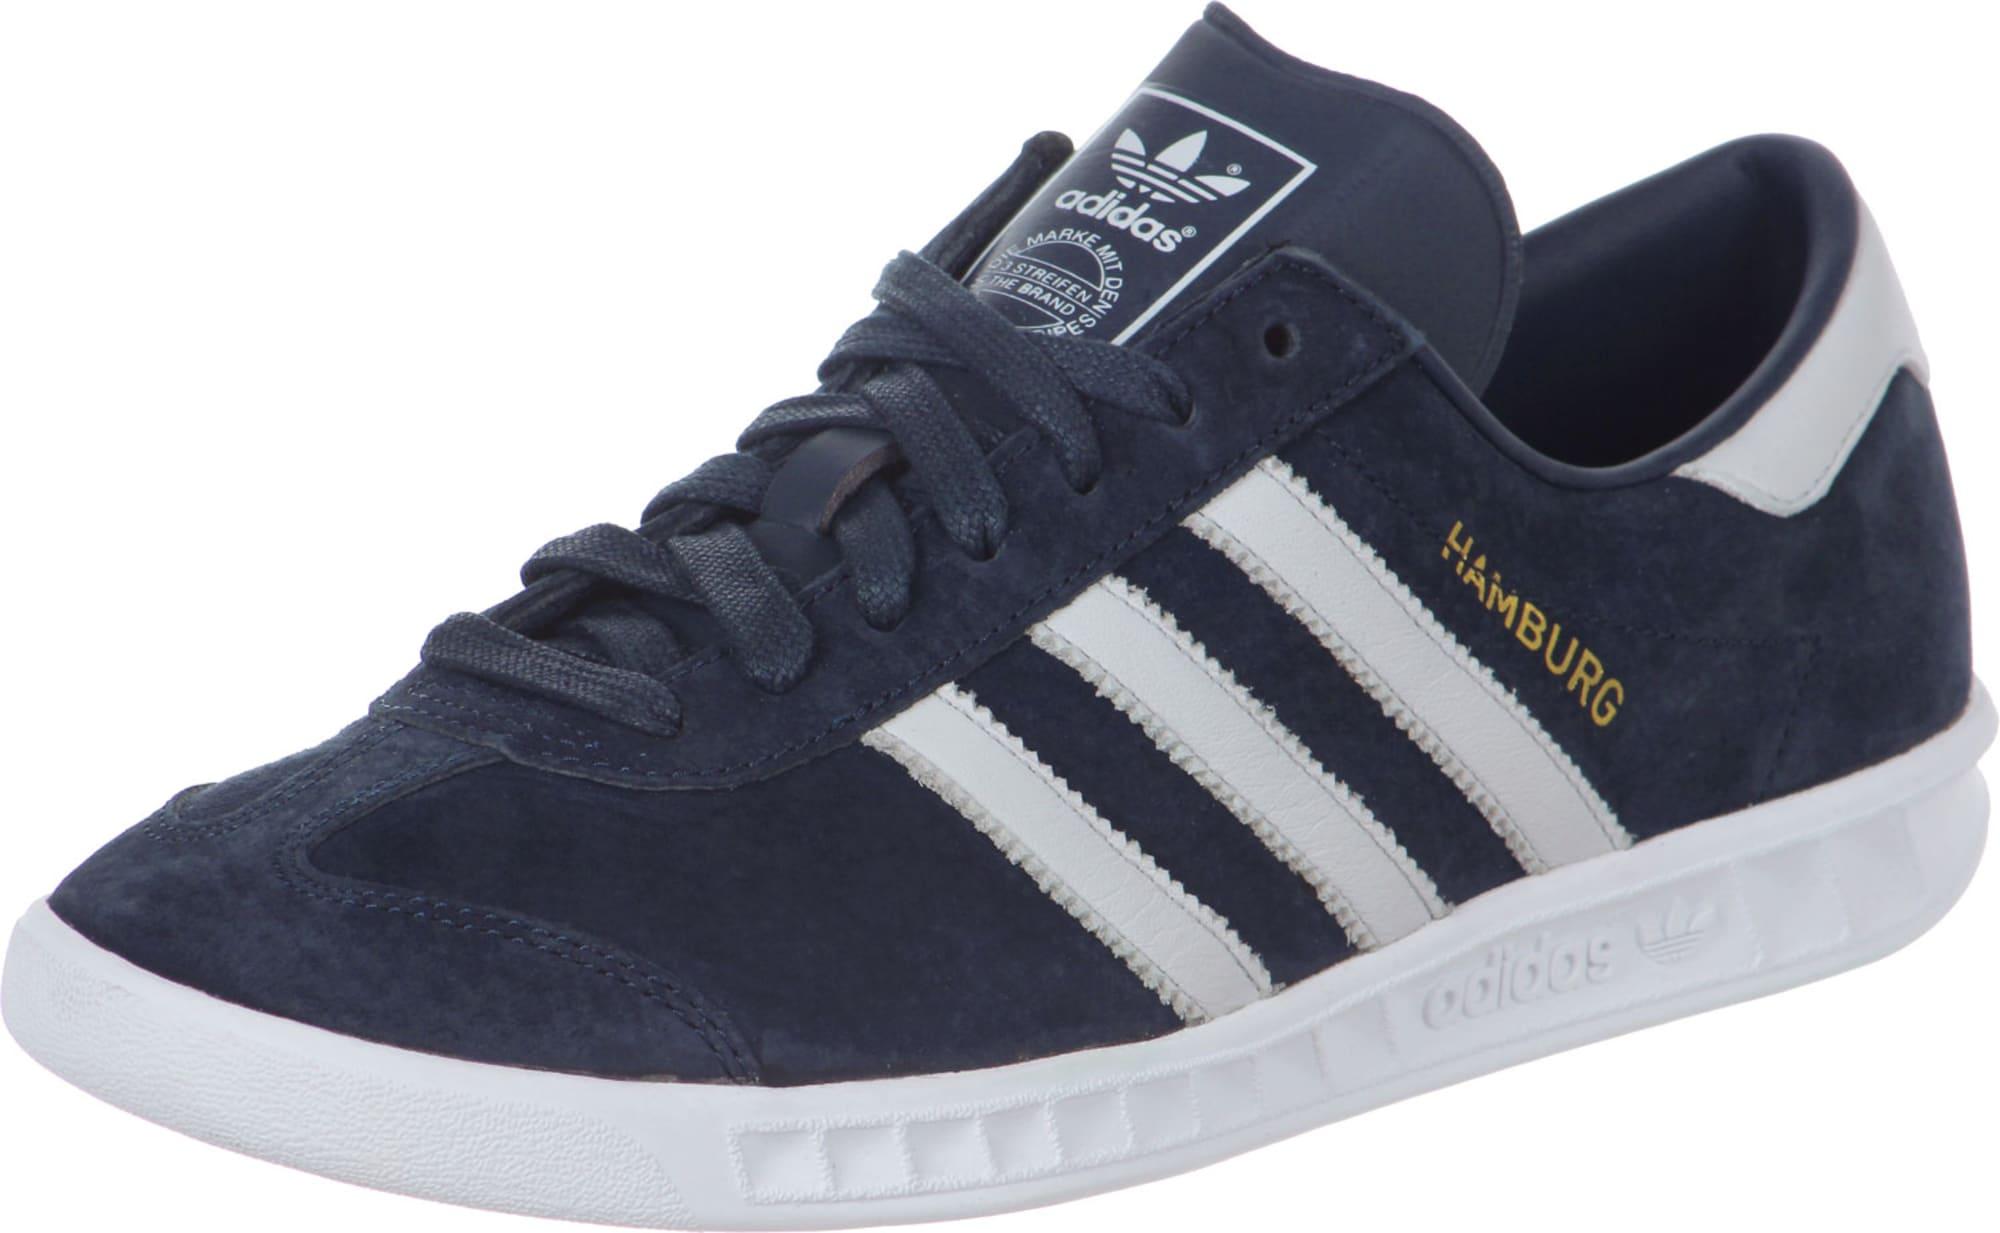 AboutYou | Herren ADIDAS ORIGINALS Sneaker '3MC' braun, weiß